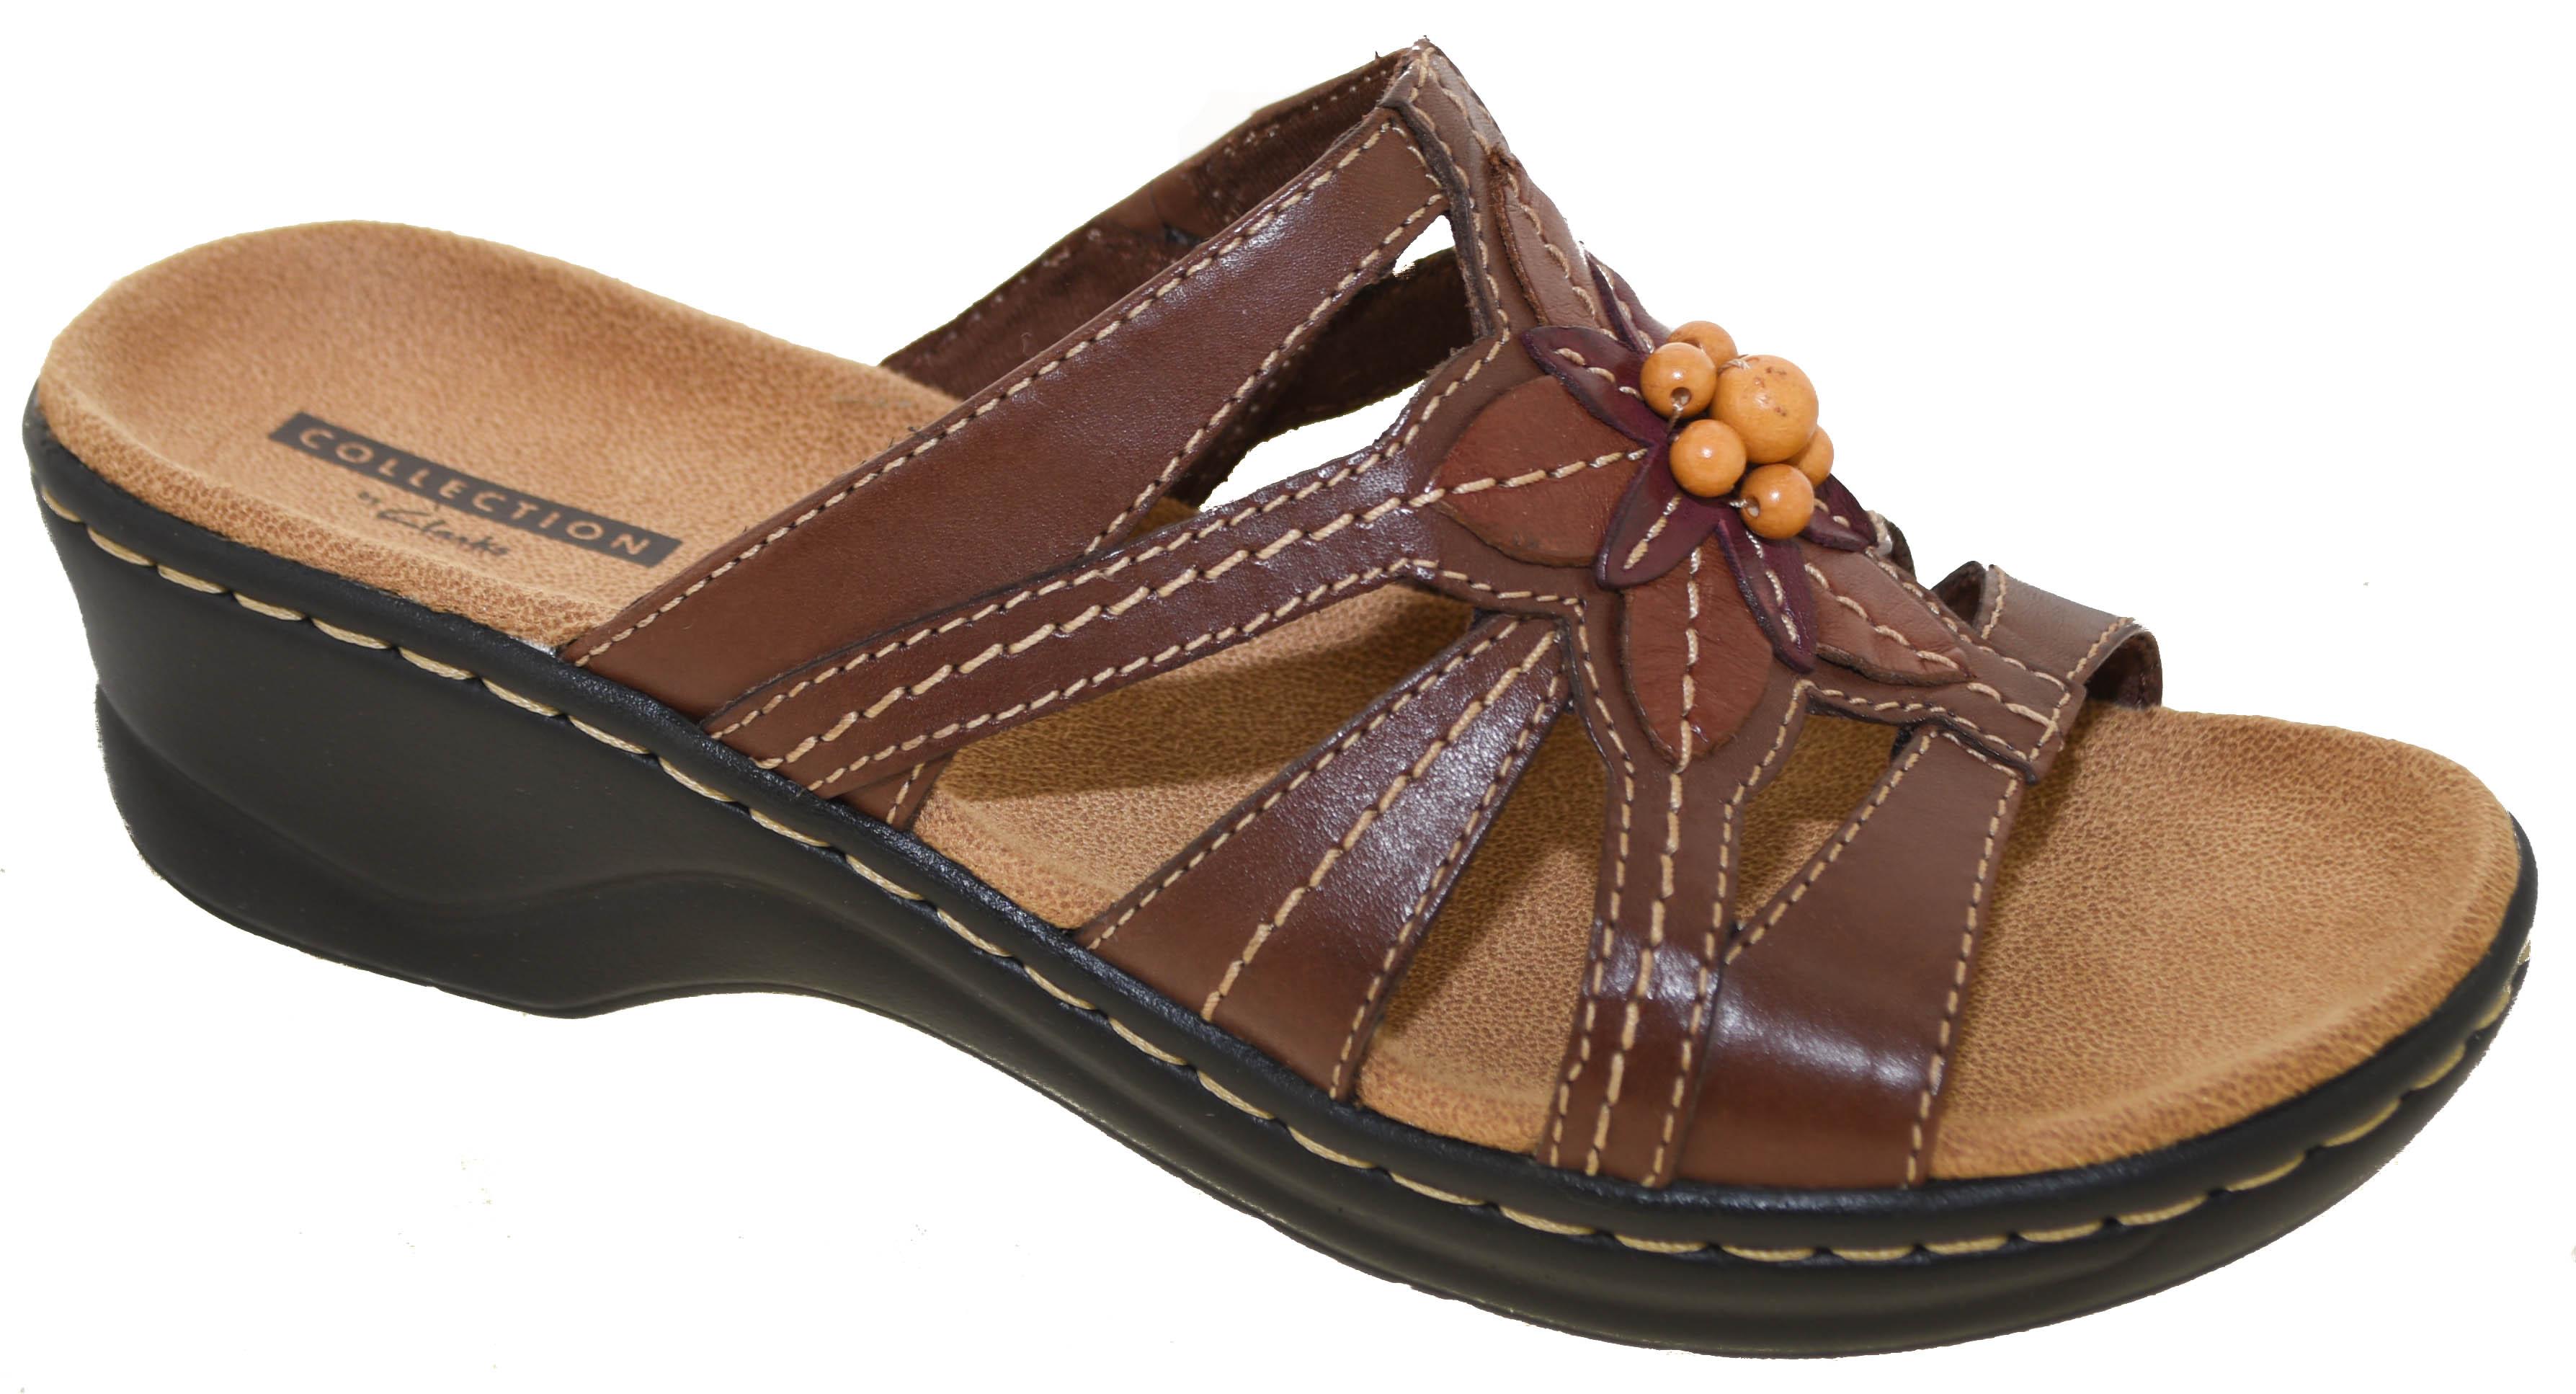 Clarks Women's Lexi Myrtle Sandals